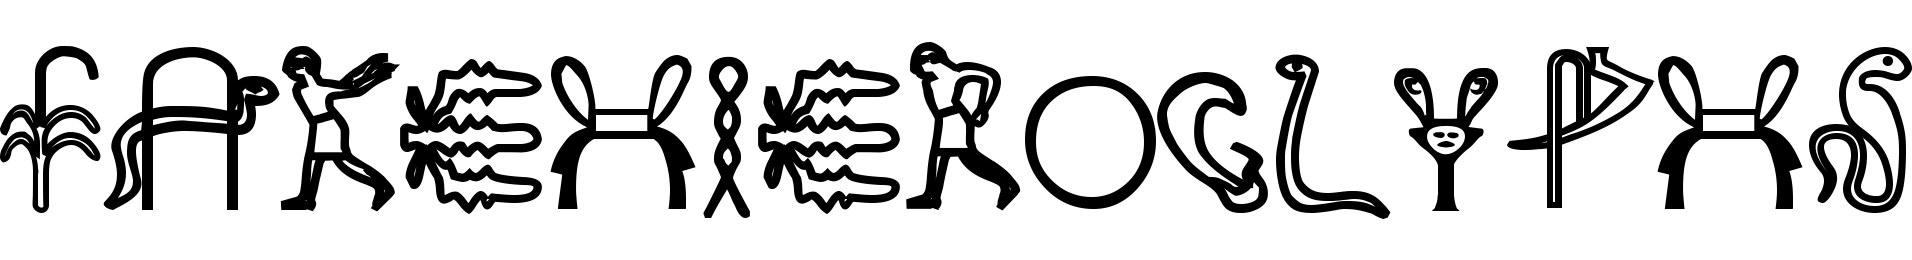 FakeHieroglyphs